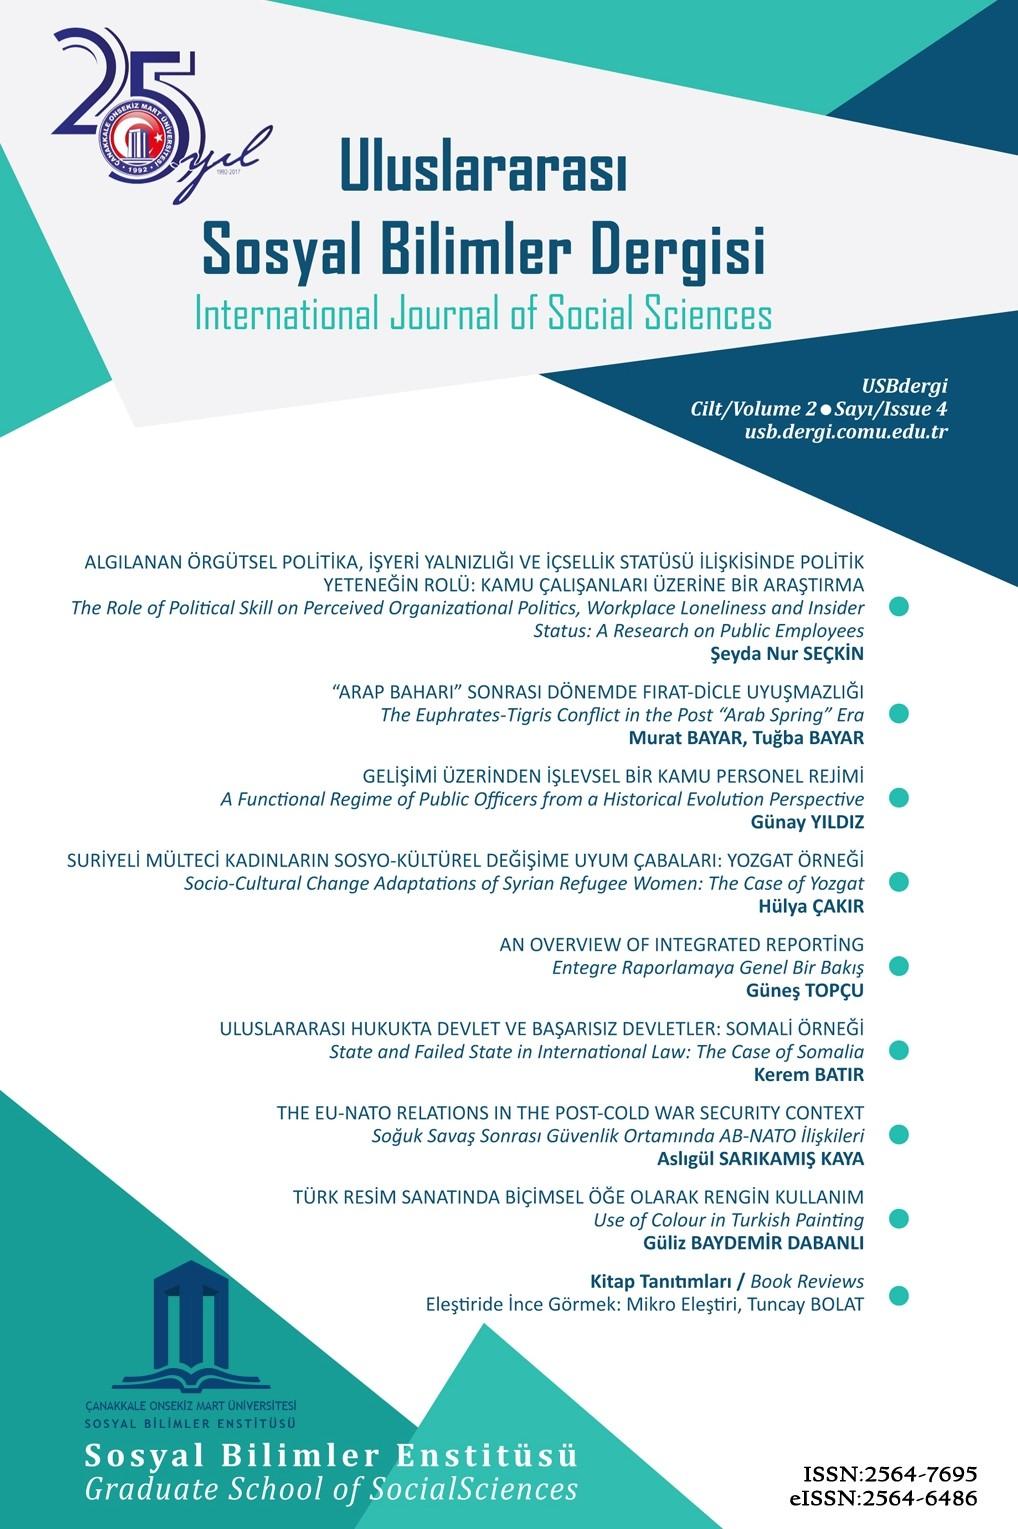 Çanakkale Onsekiz Mart Üniversitesi Uluslararası Sosyal Bilimler Dergisi